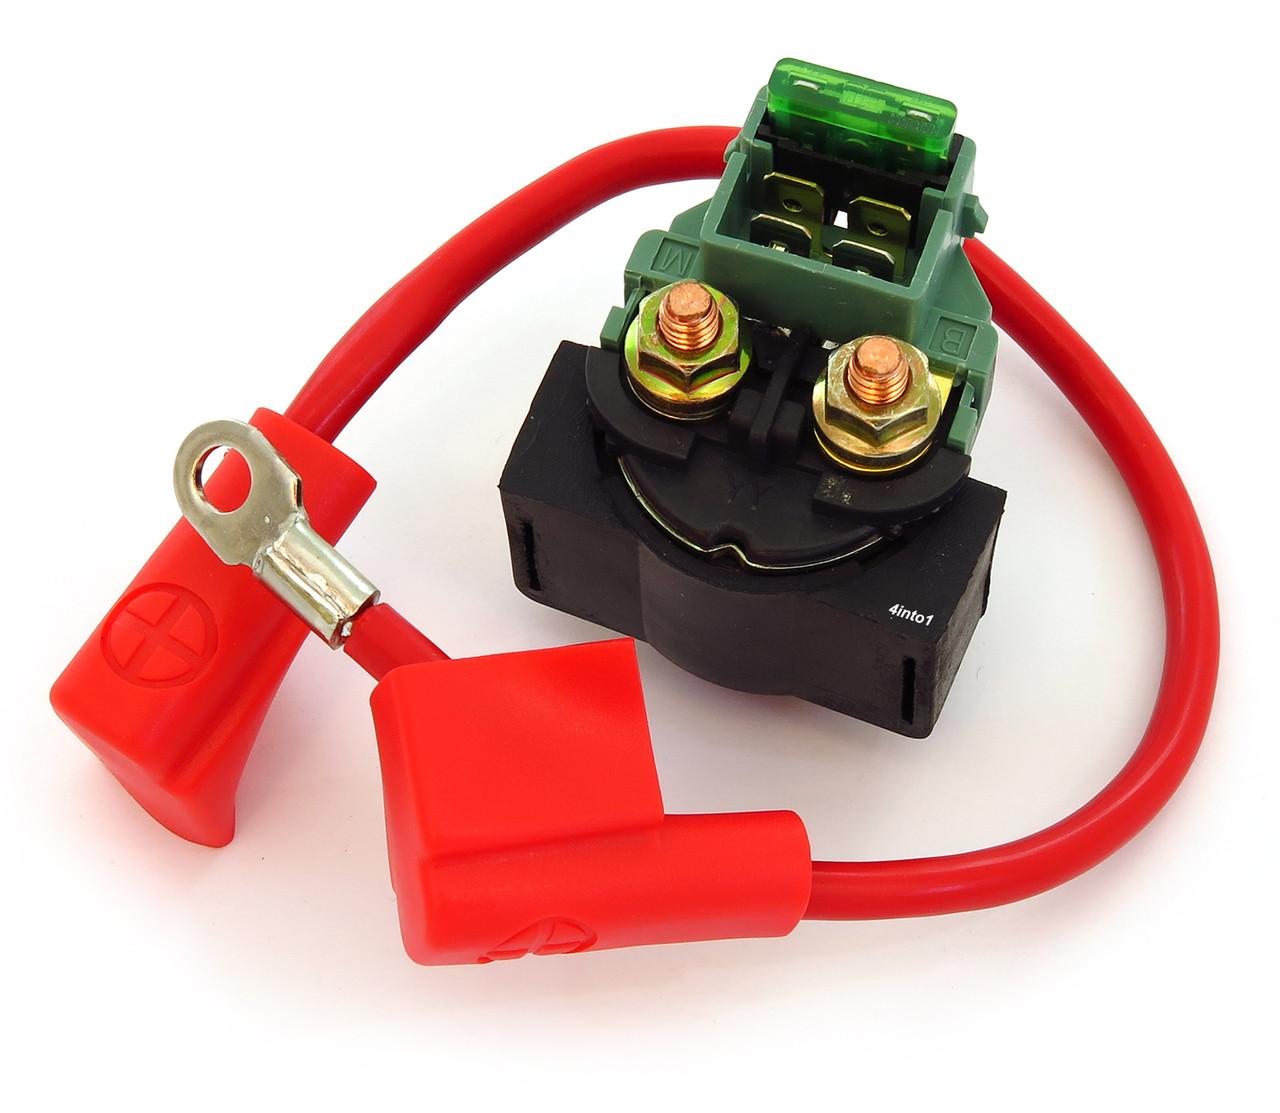 1984 honda goldwing starter solenoid wiring diagram wiring diagram80 u0027s honda u0027s starter solenoid [ 1280 x 1113 Pixel ]